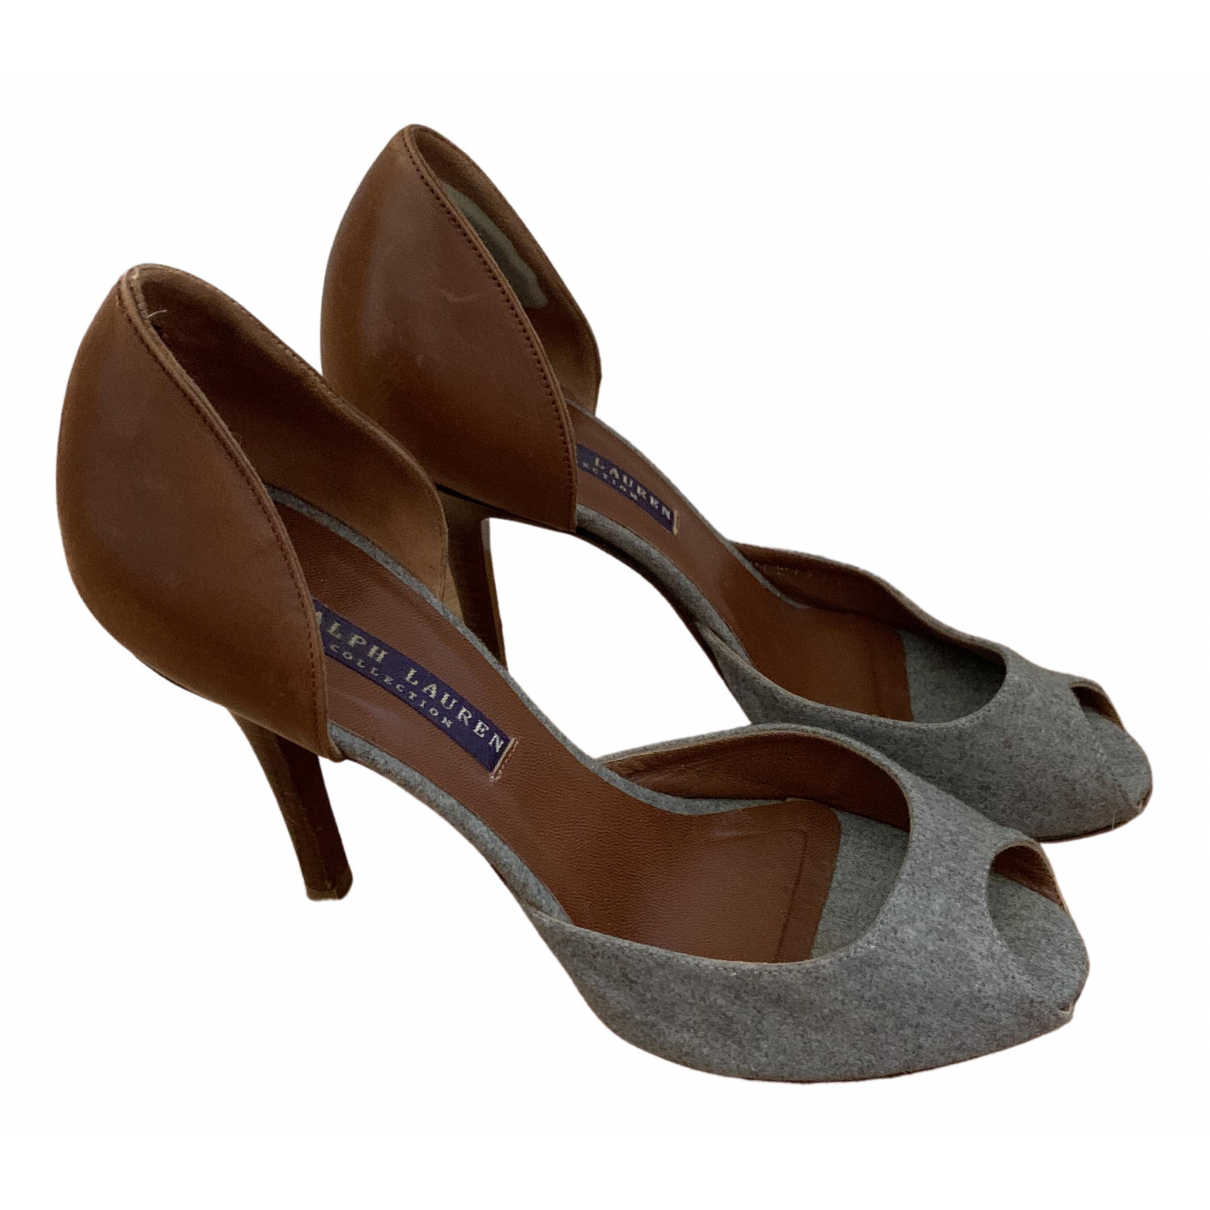 Ralph Lauren \N Grey Leather Heels for Women 7 US